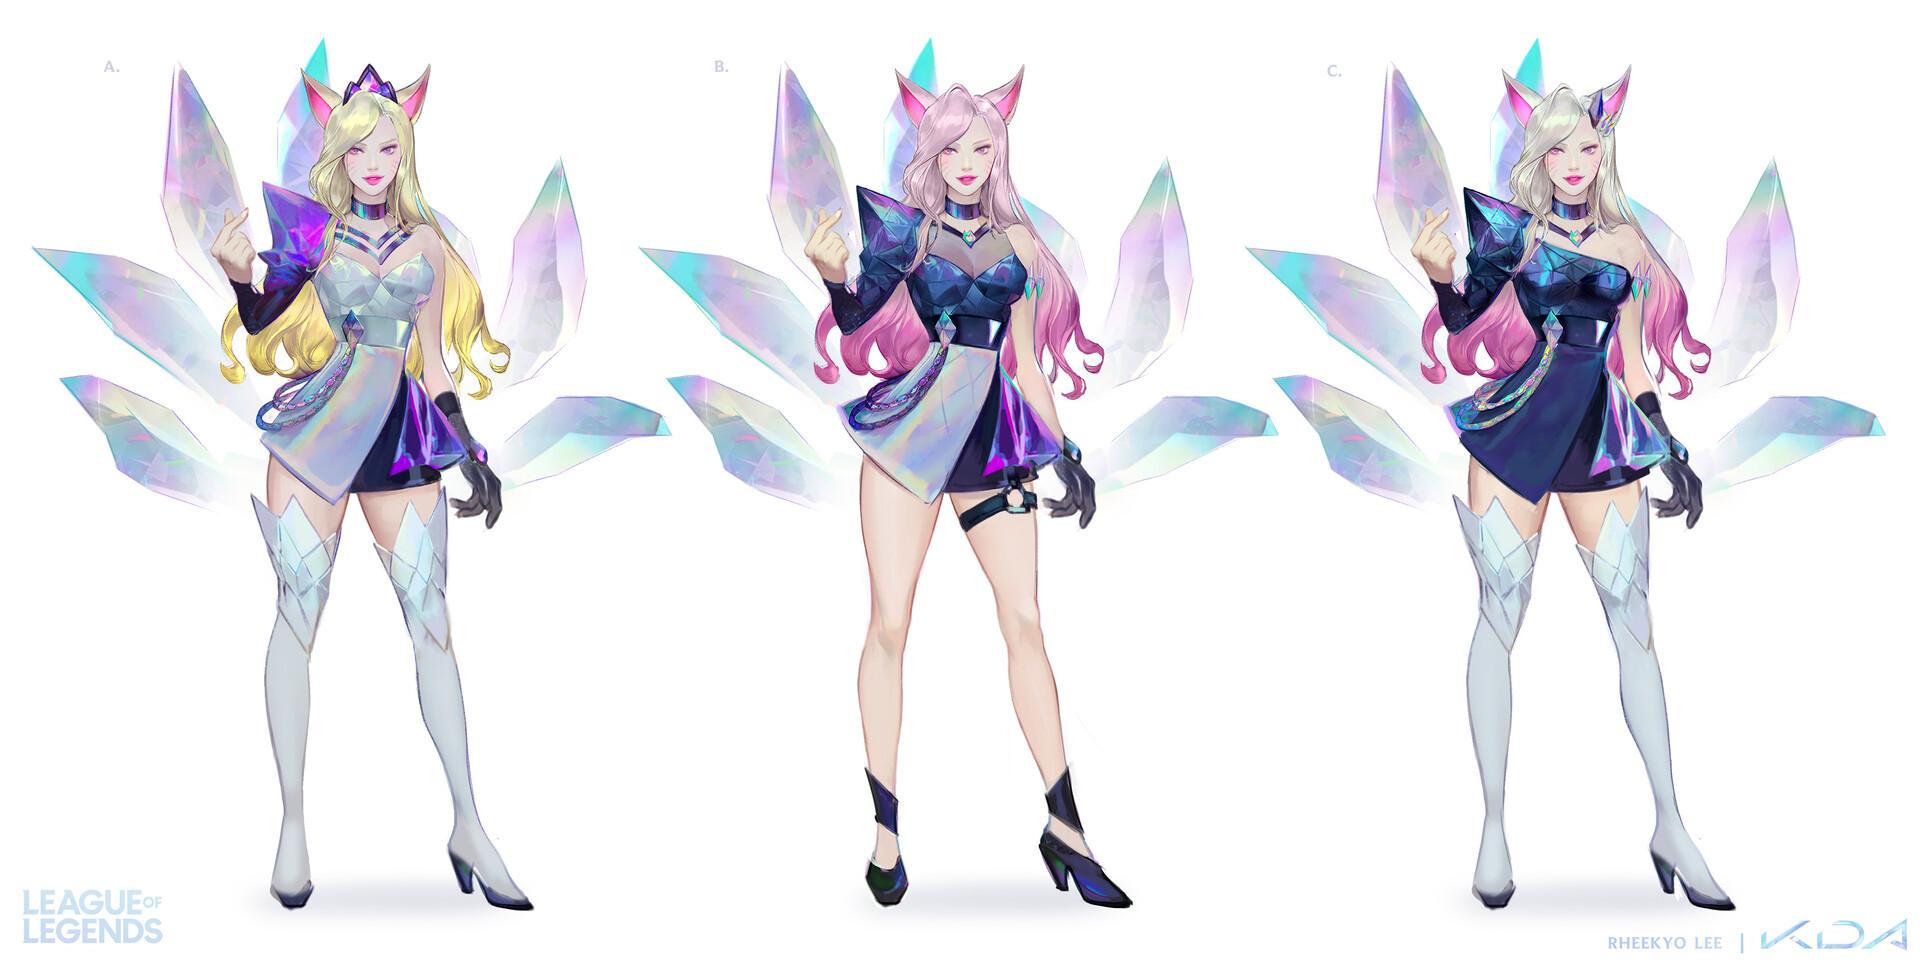 Концепт-арты группы K/DA из League Of Legends